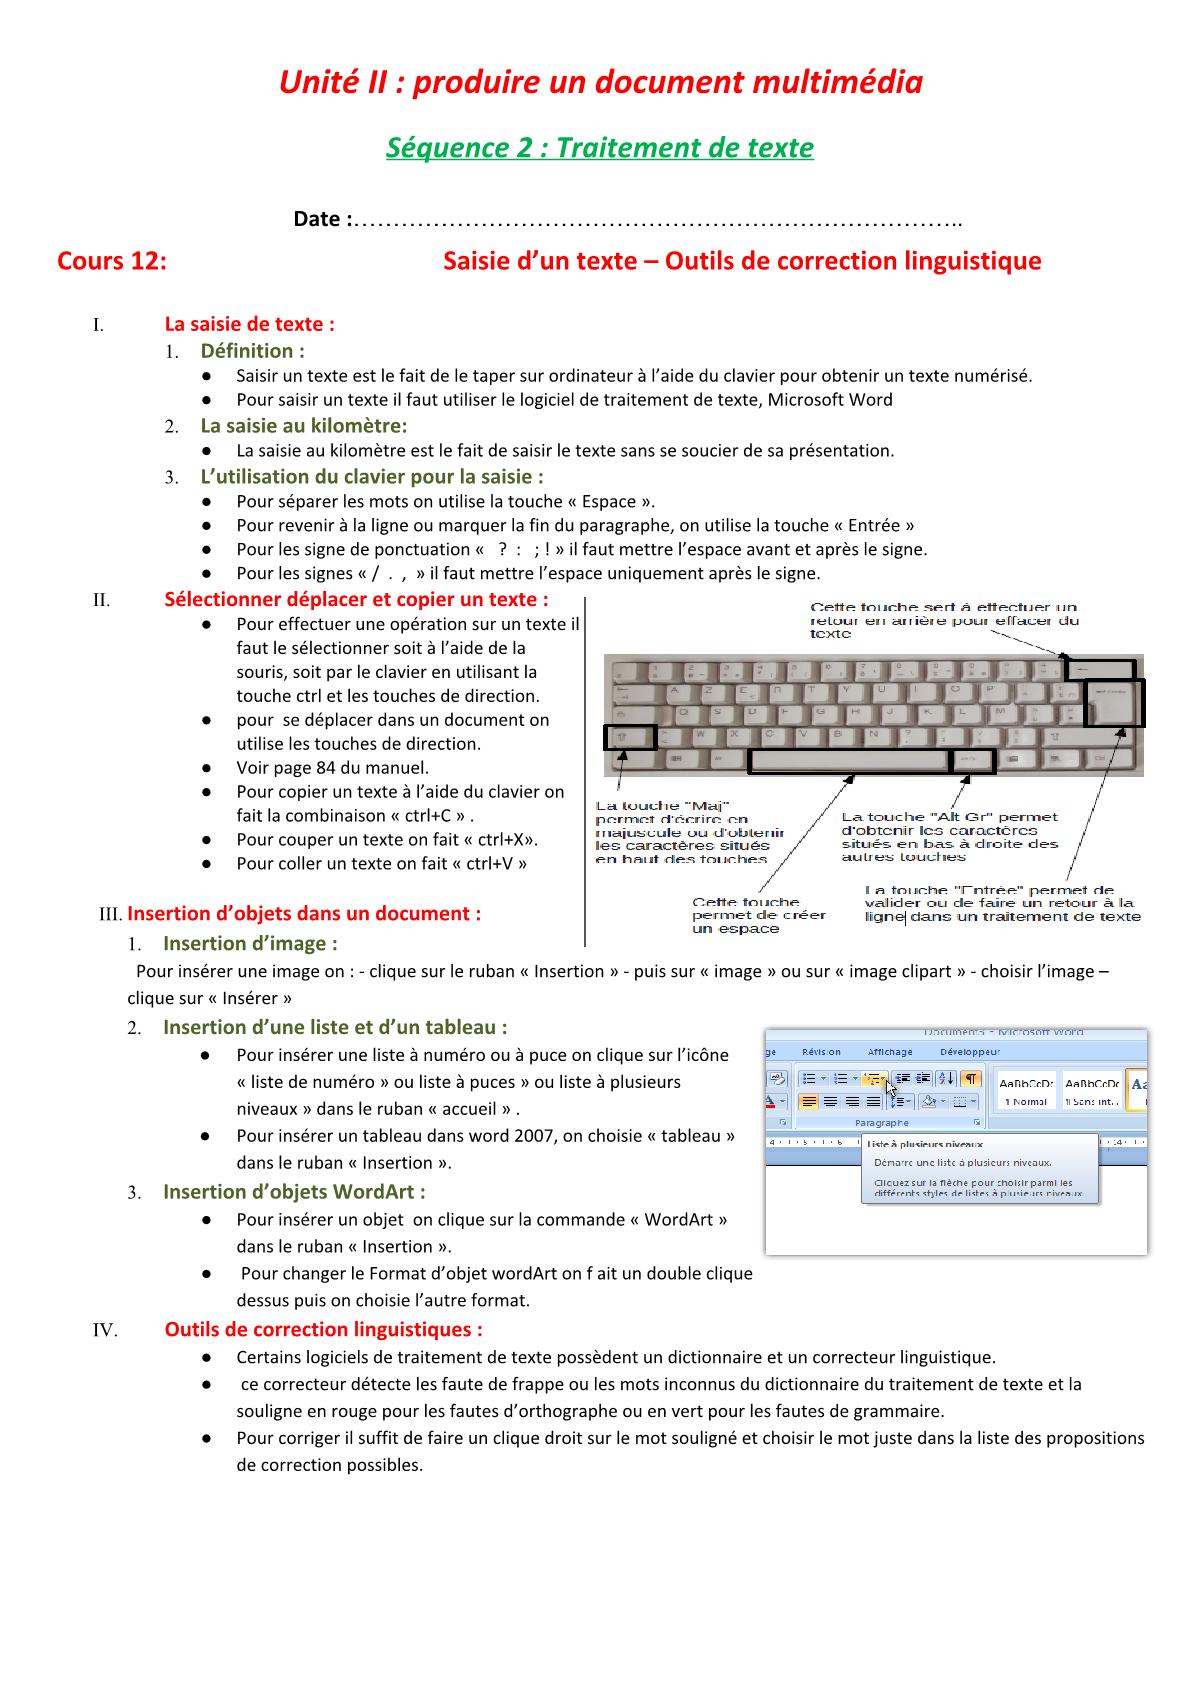 درس Saisie d'un texte - Outils de correction linguistique للسنة الأولى اعدادي